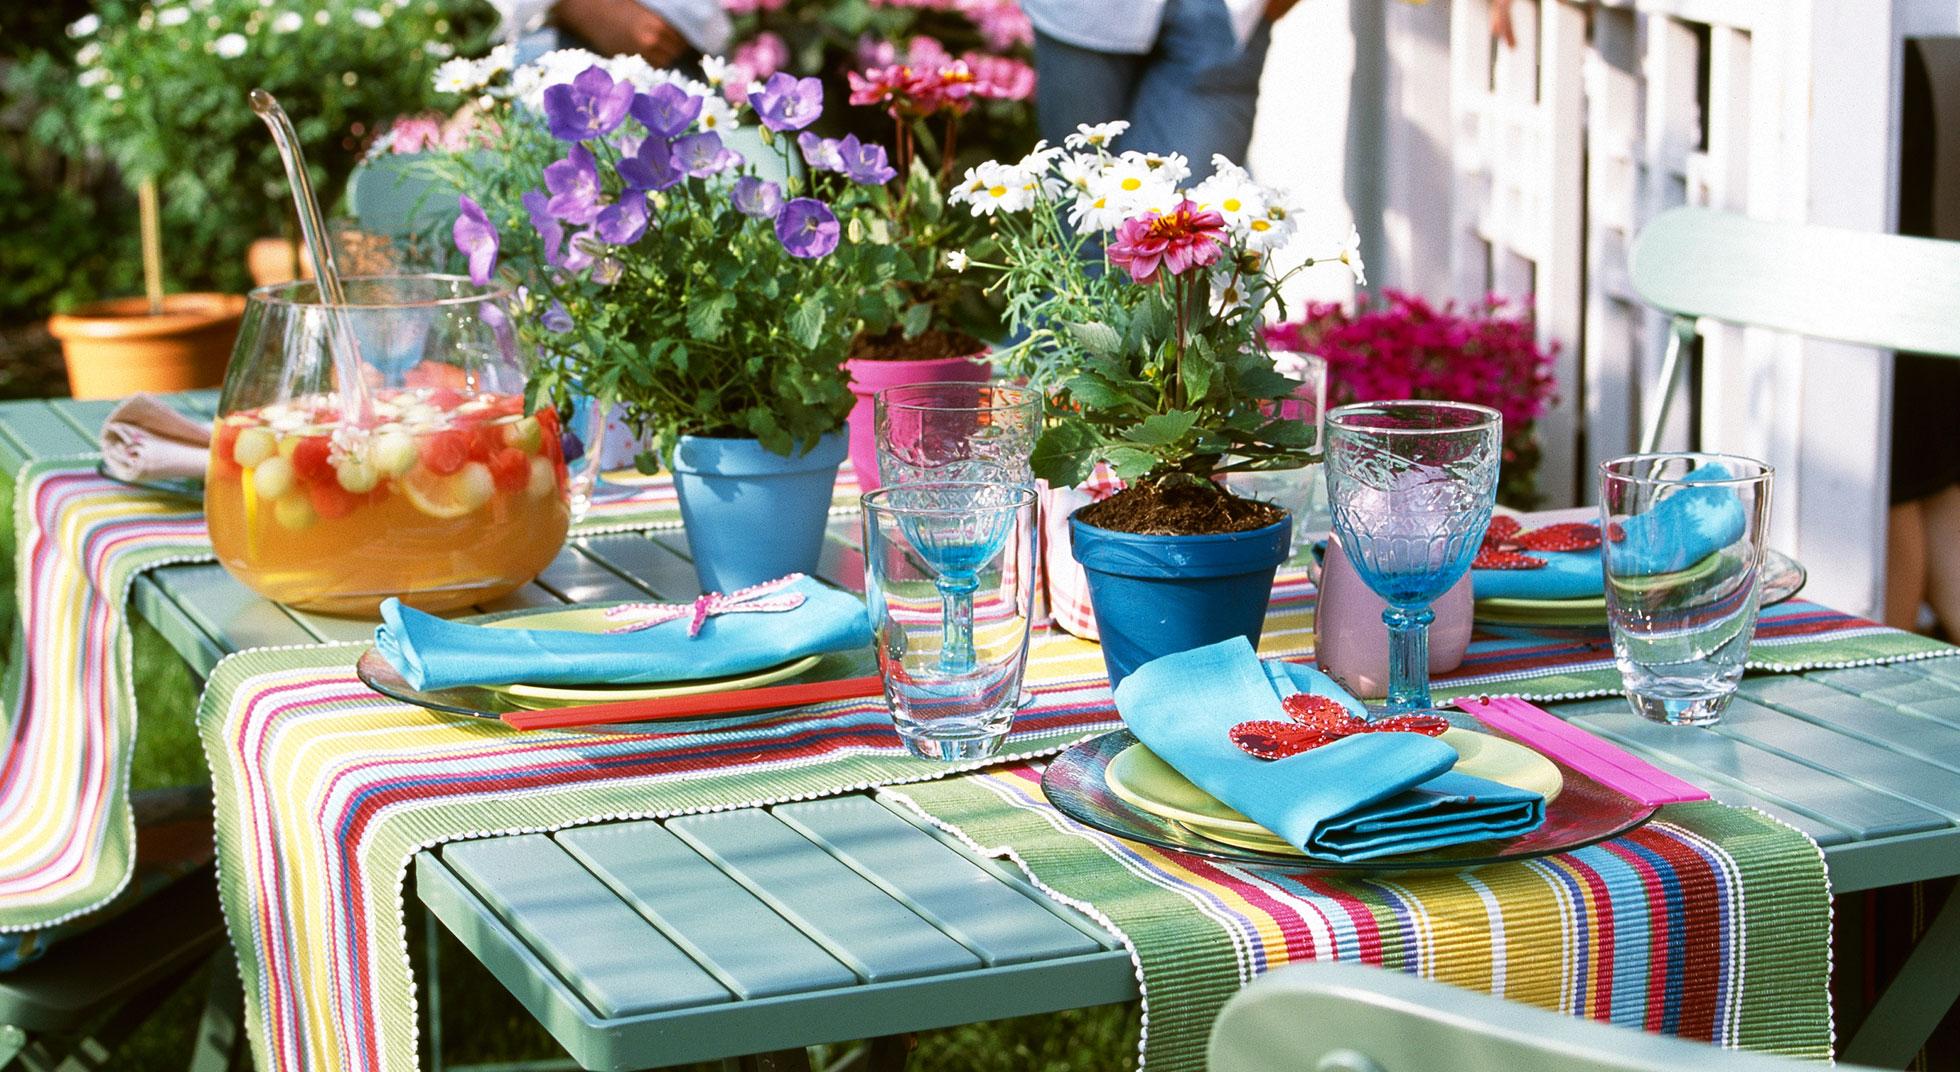 Decorazioni per la tavola 5 idee aia food - Decorazioni per la tavola ...